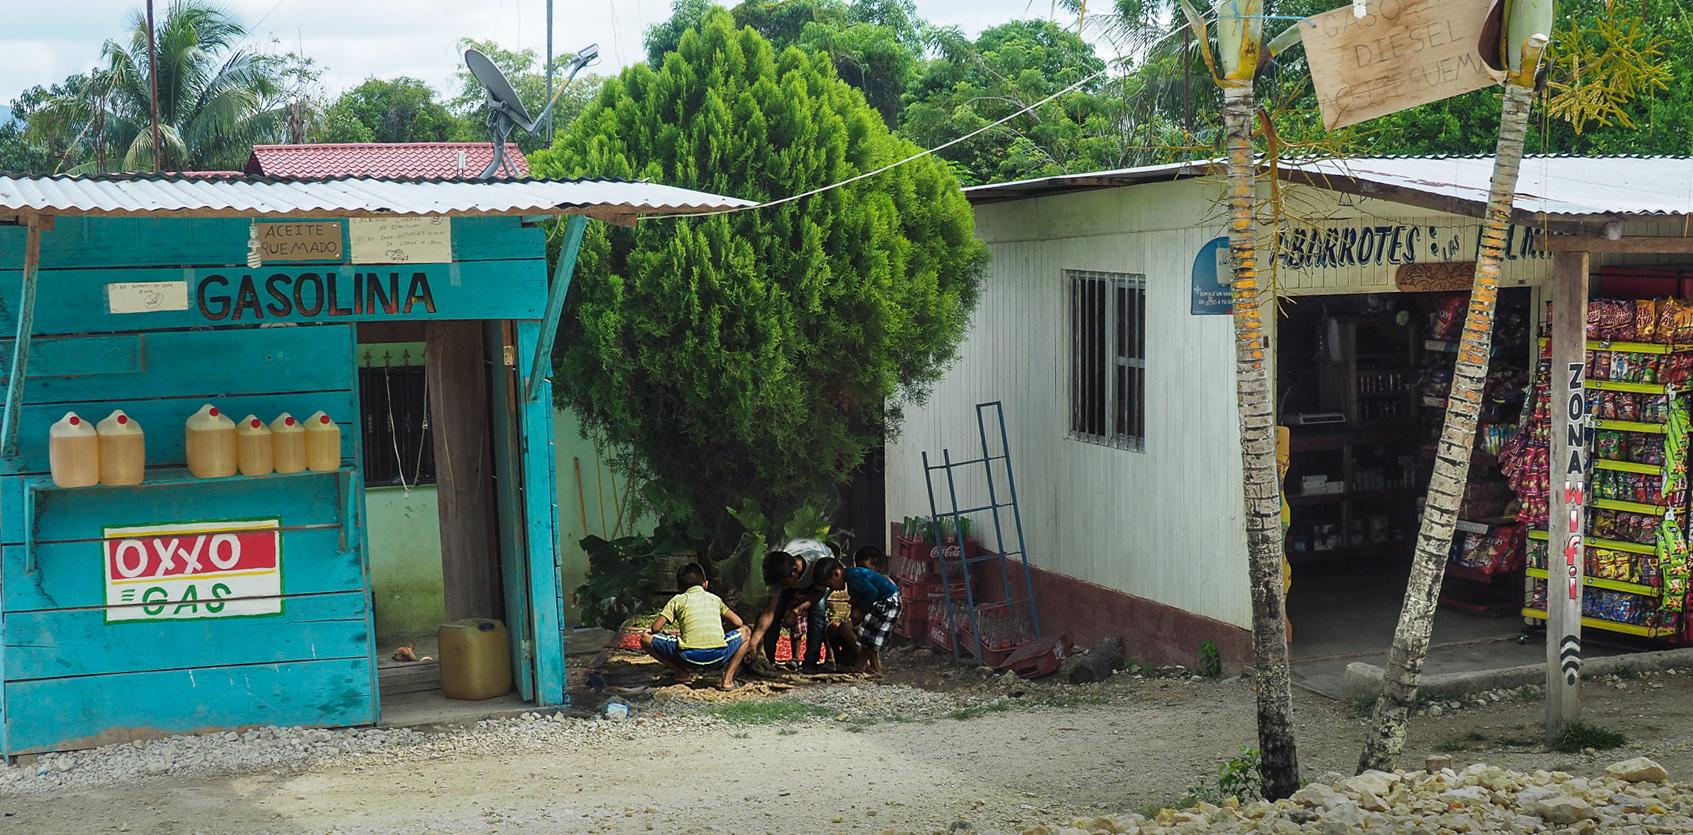 Die einzige Tankstelle und der einzige Lebensmittelladen in weitem Umkreis